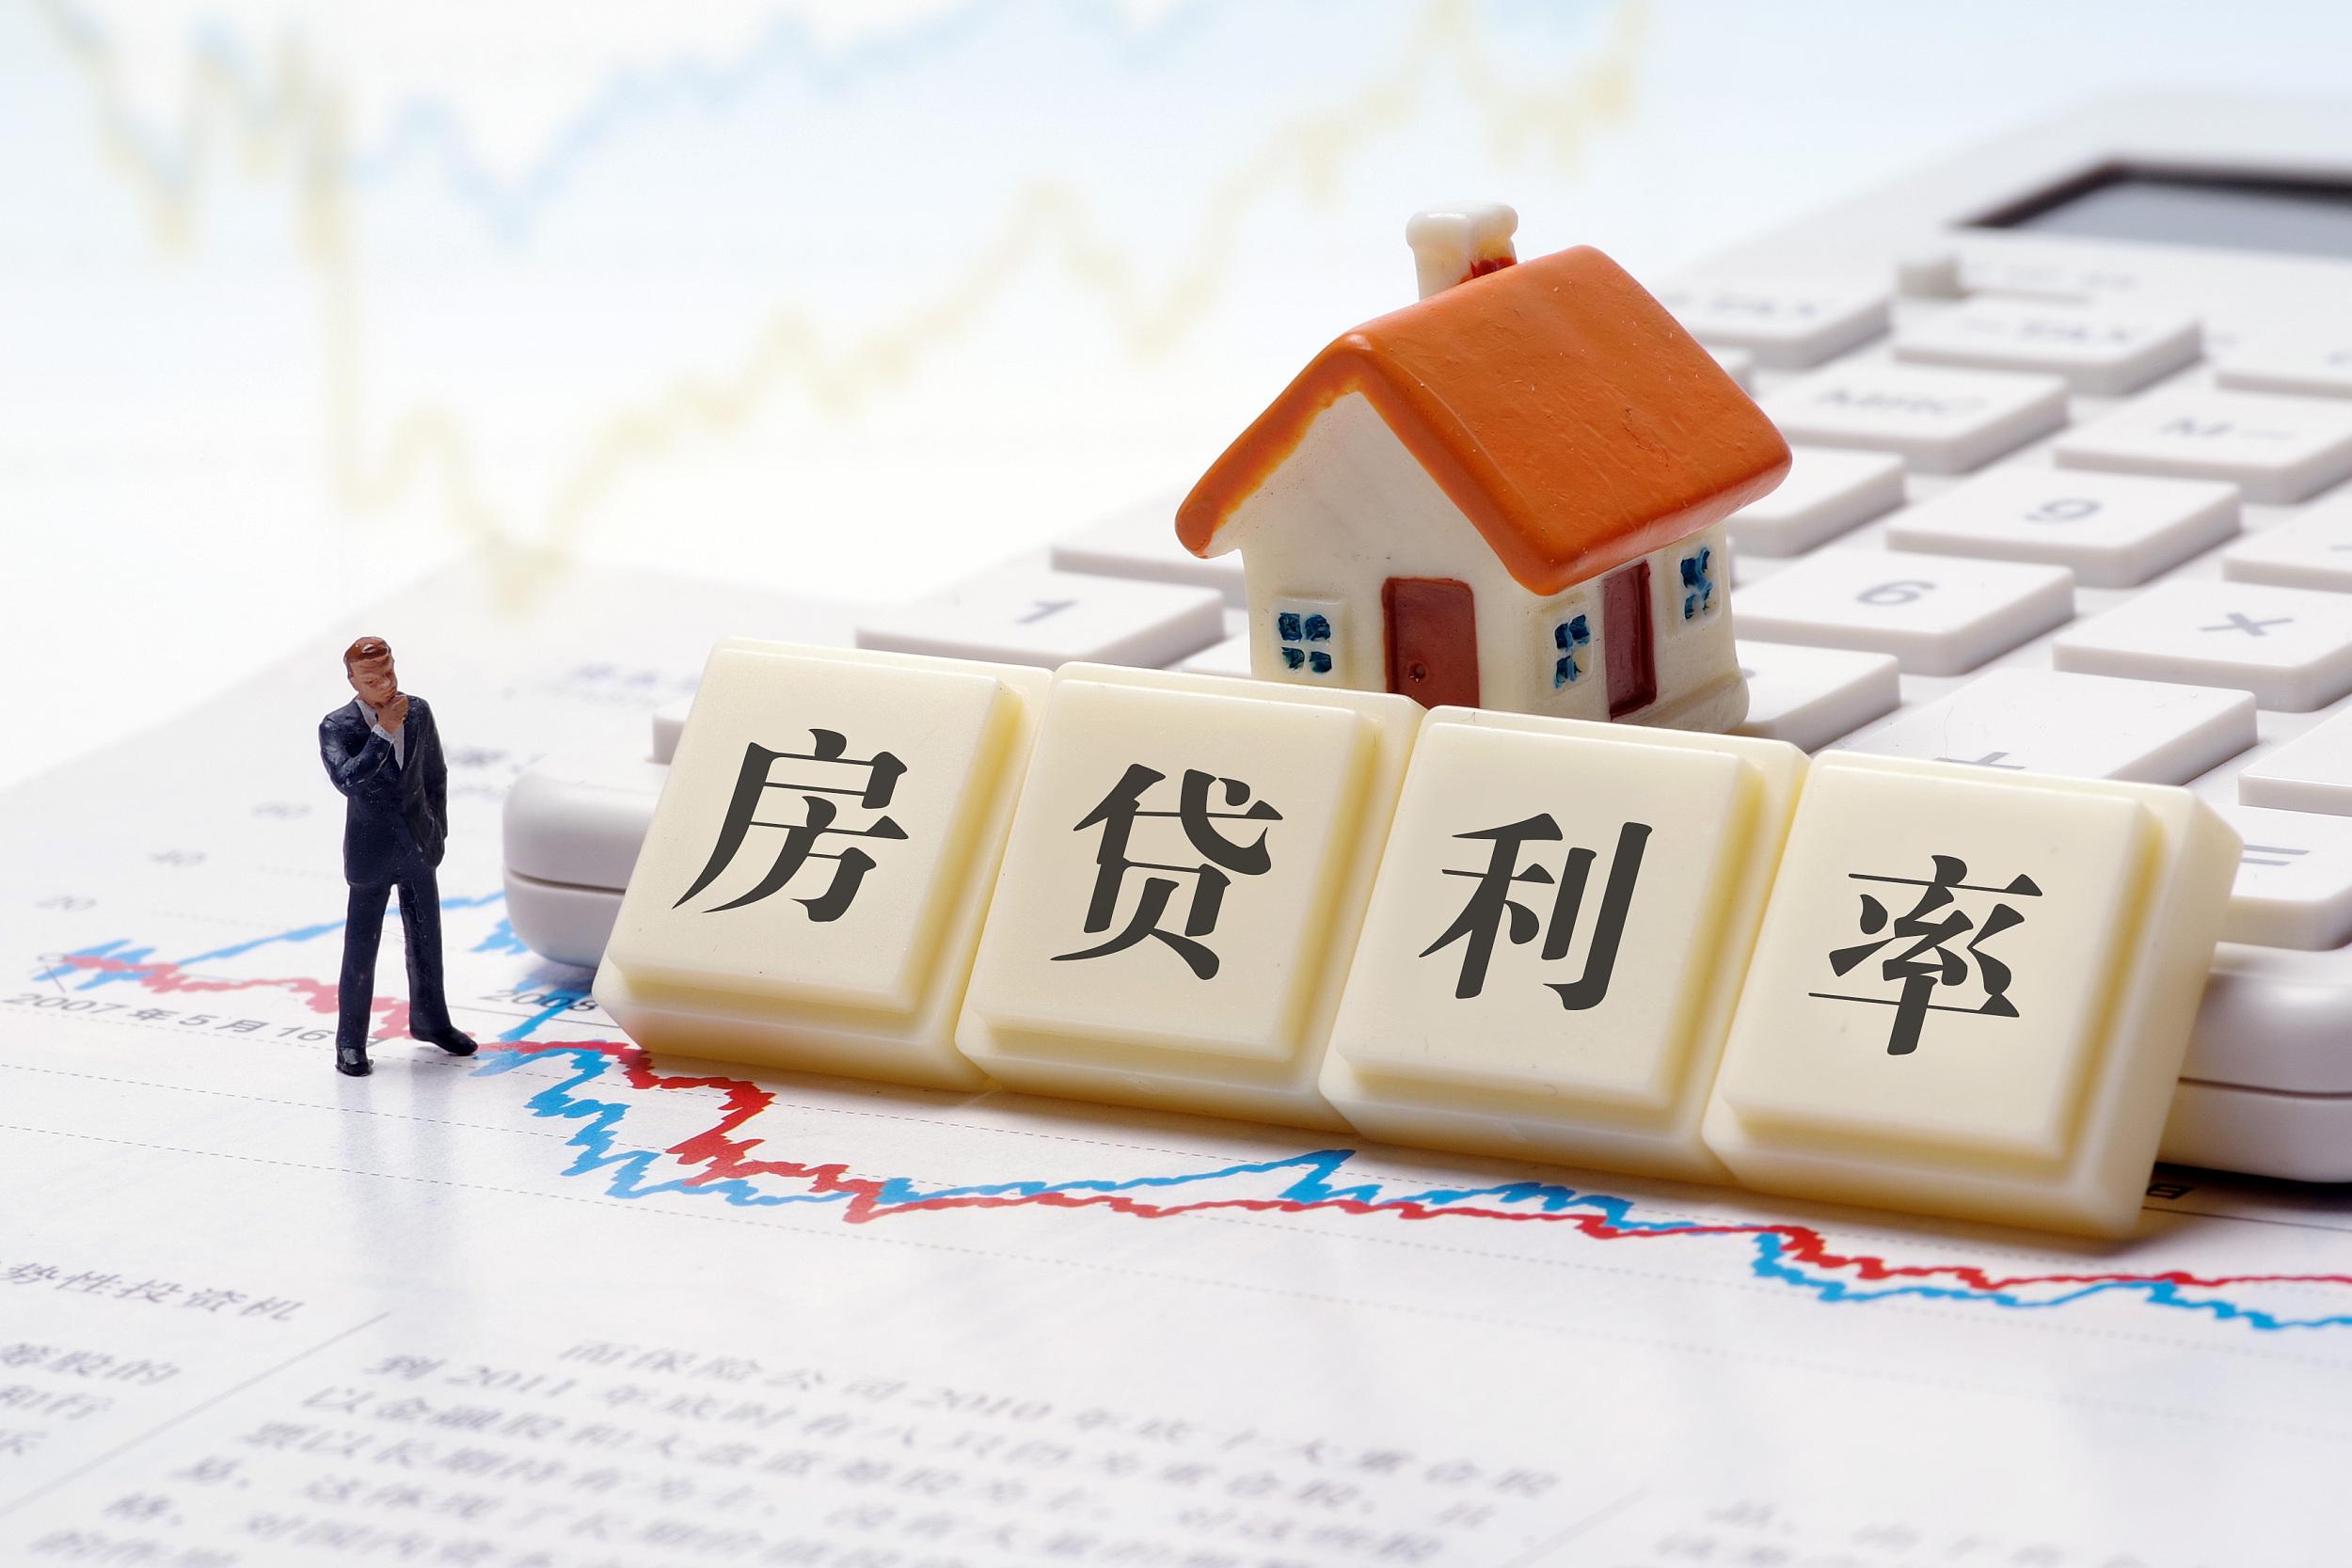 42城首套房贷款平均利率5.33% 专家称未来利率或水涨船高